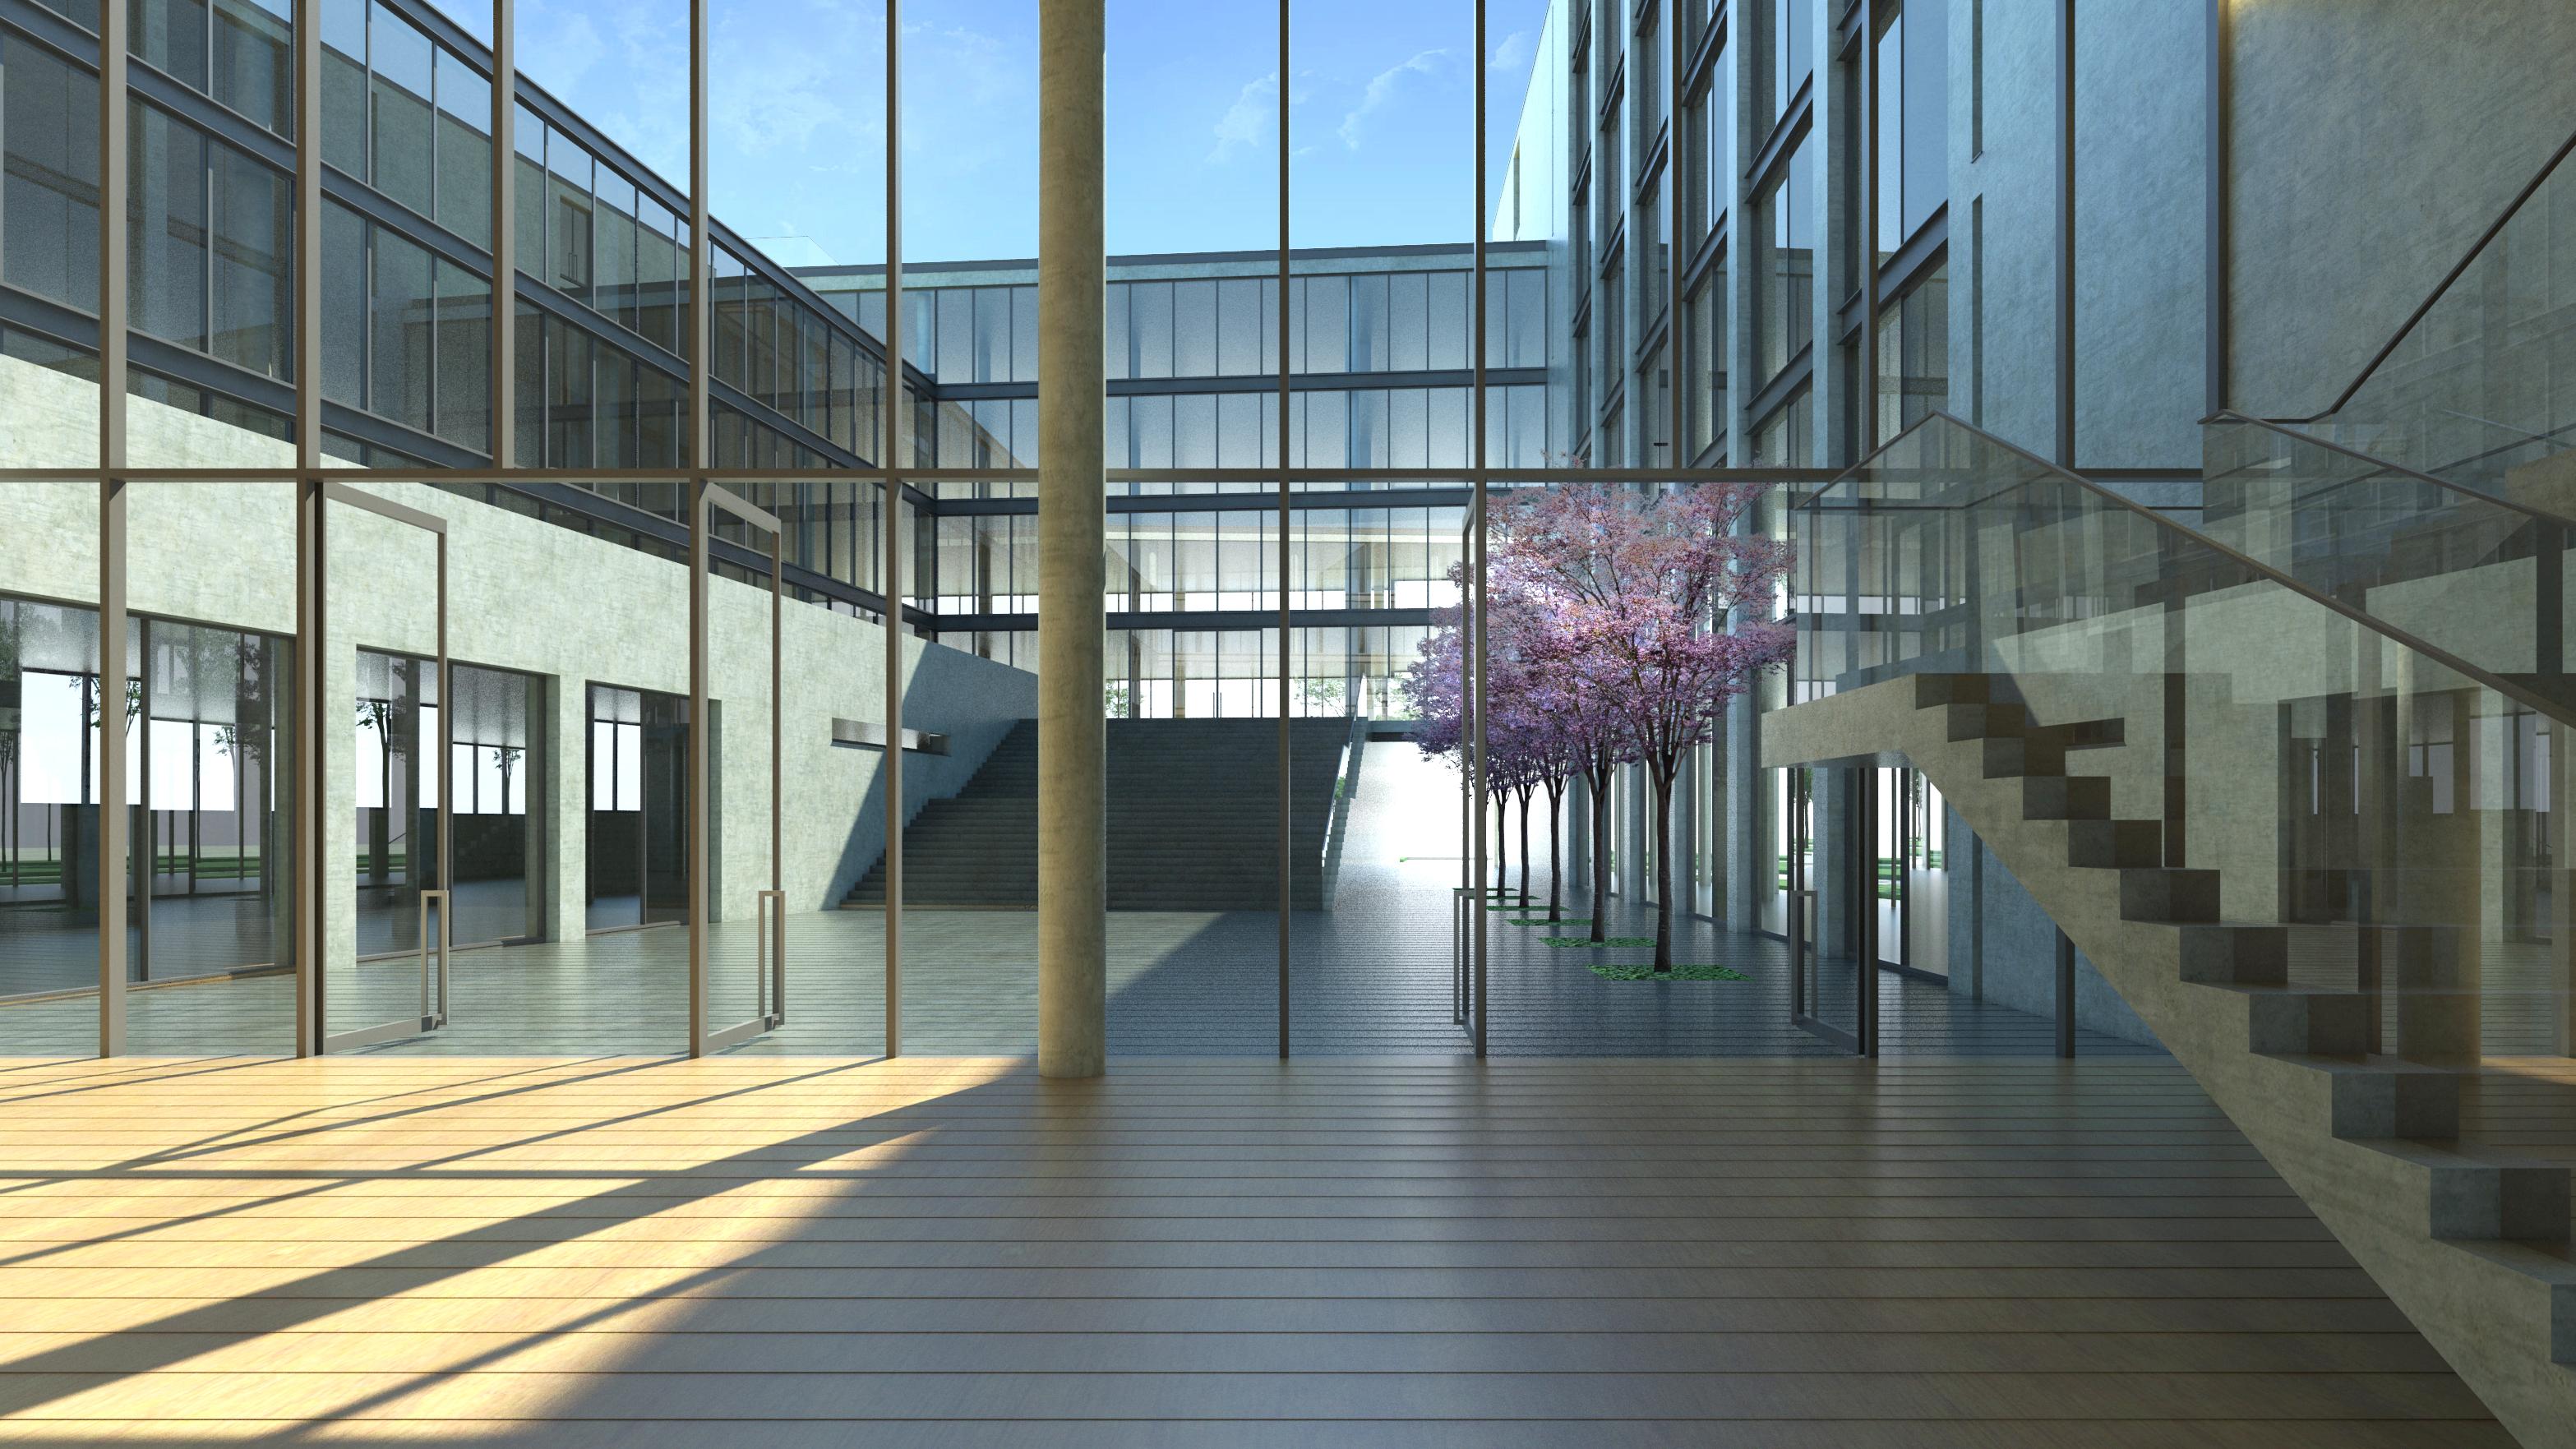 Weisenburger Bau Karlsruhe : offizieller baubeginn f r weisenburger in karlsruhe lobby ~ Watch28wear.com Haus und Dekorationen